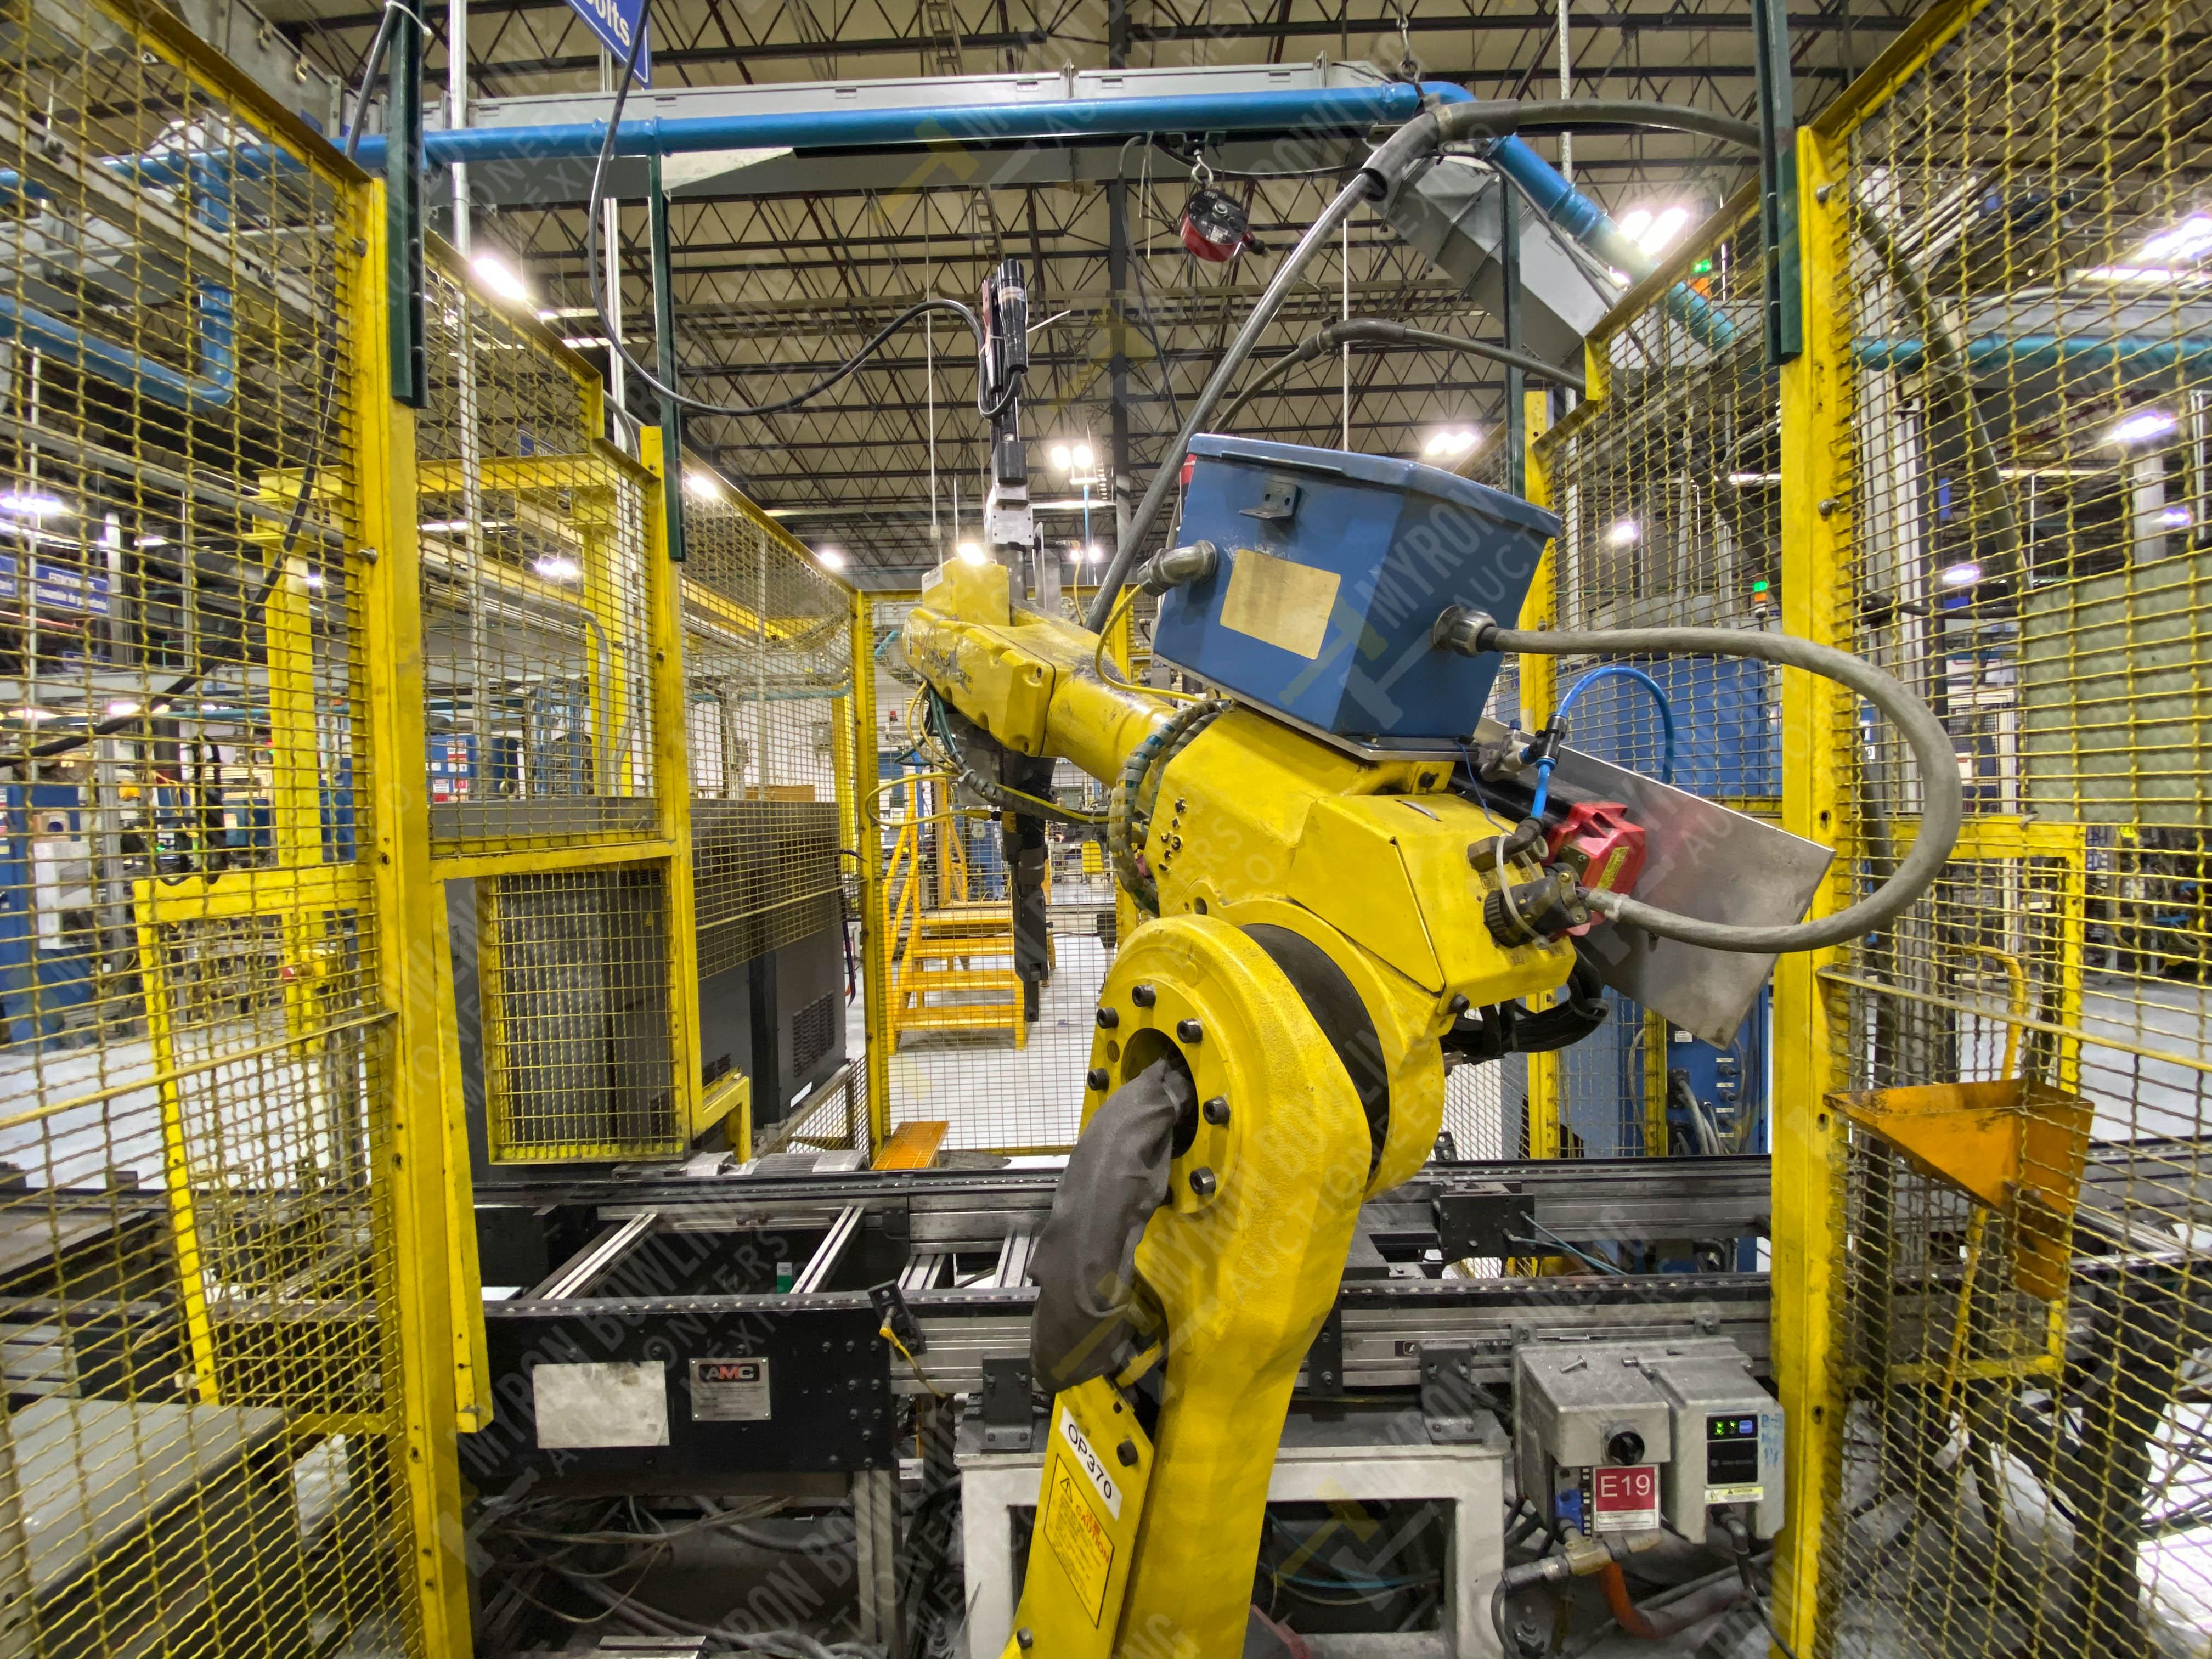 Robot con capacidad de carga de 15-30 Kg, controlador de robot y teach pendant - Image 2 of 12